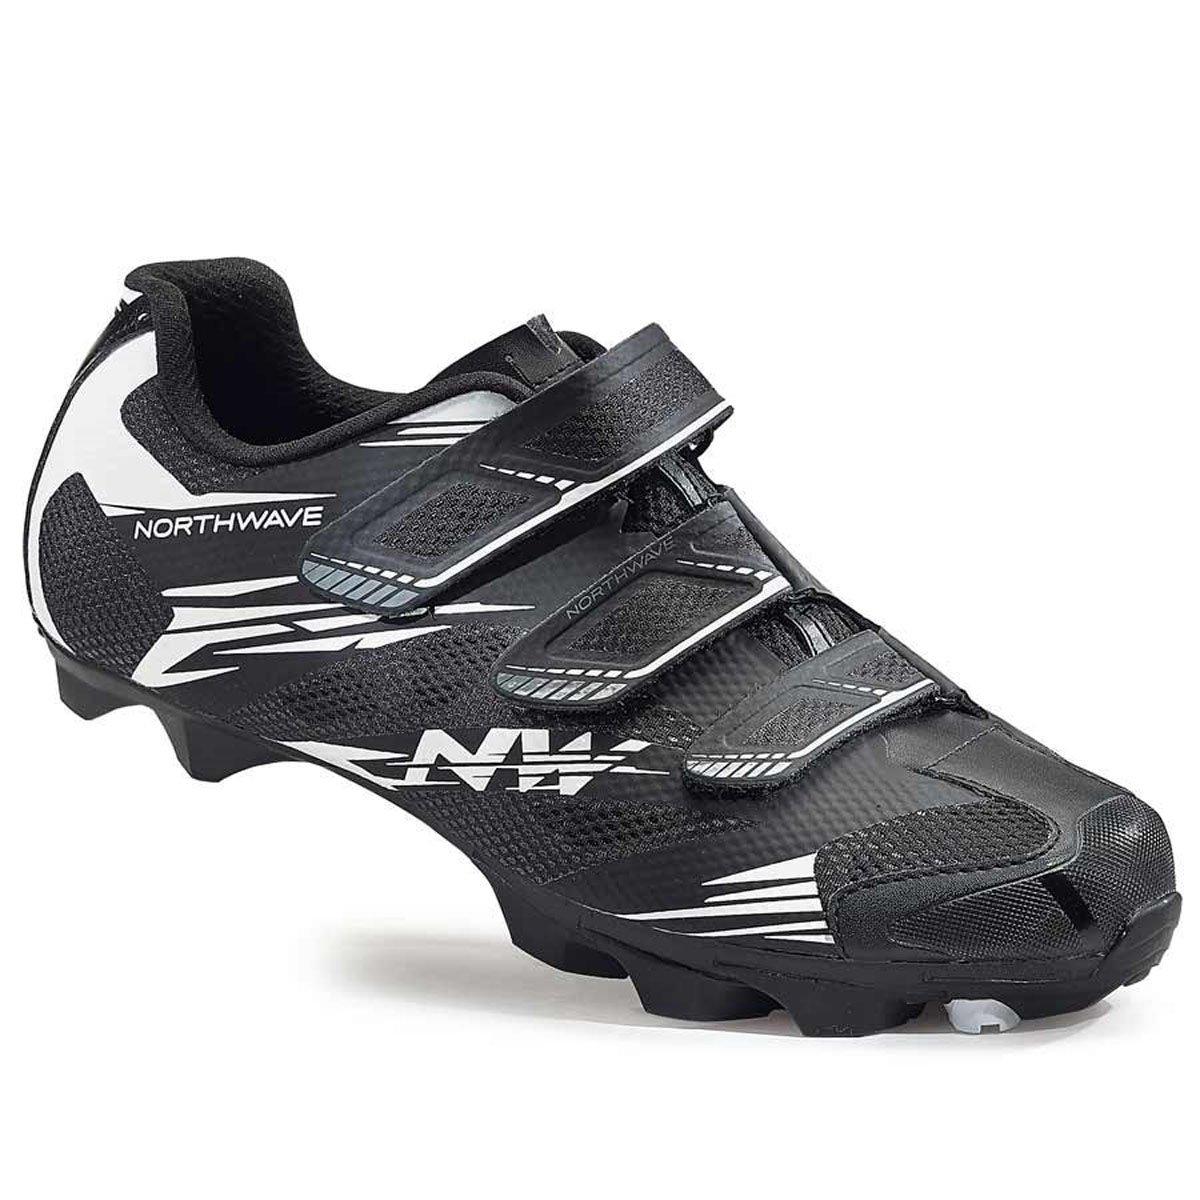 ノースウェーブScorpius 2 black-white靴2016 46  B013FIZF9E